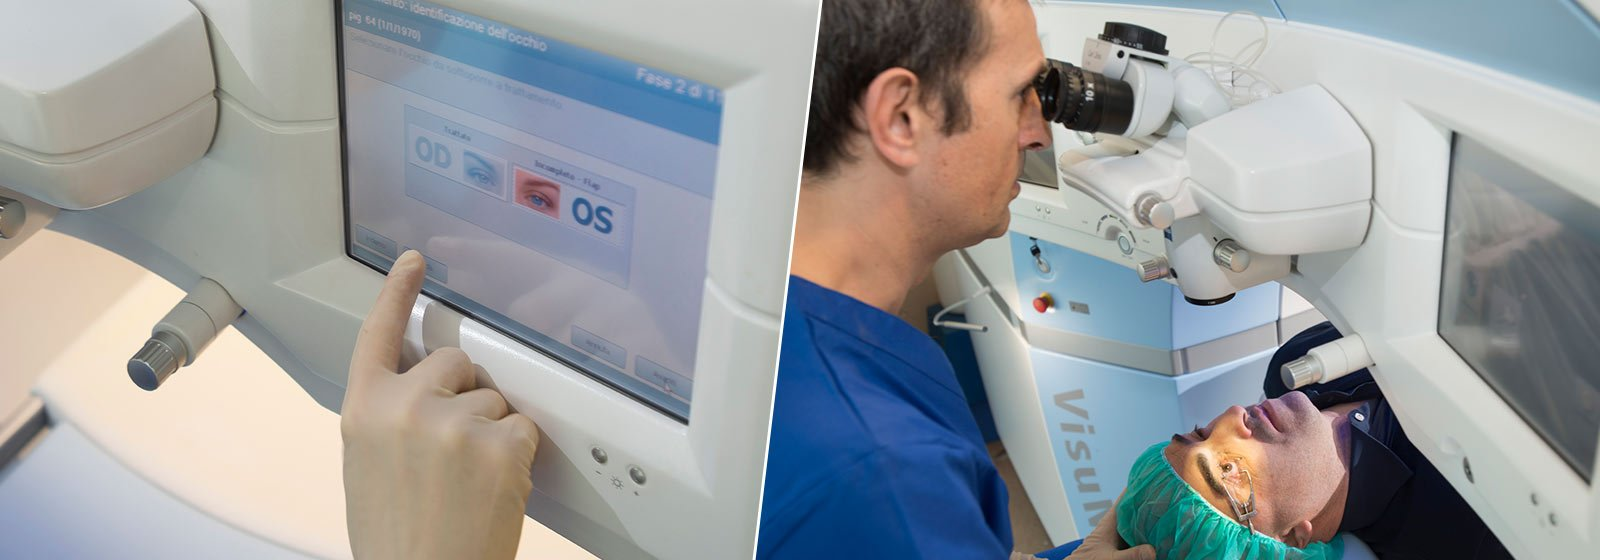 Chirurgia refrattiva Laser